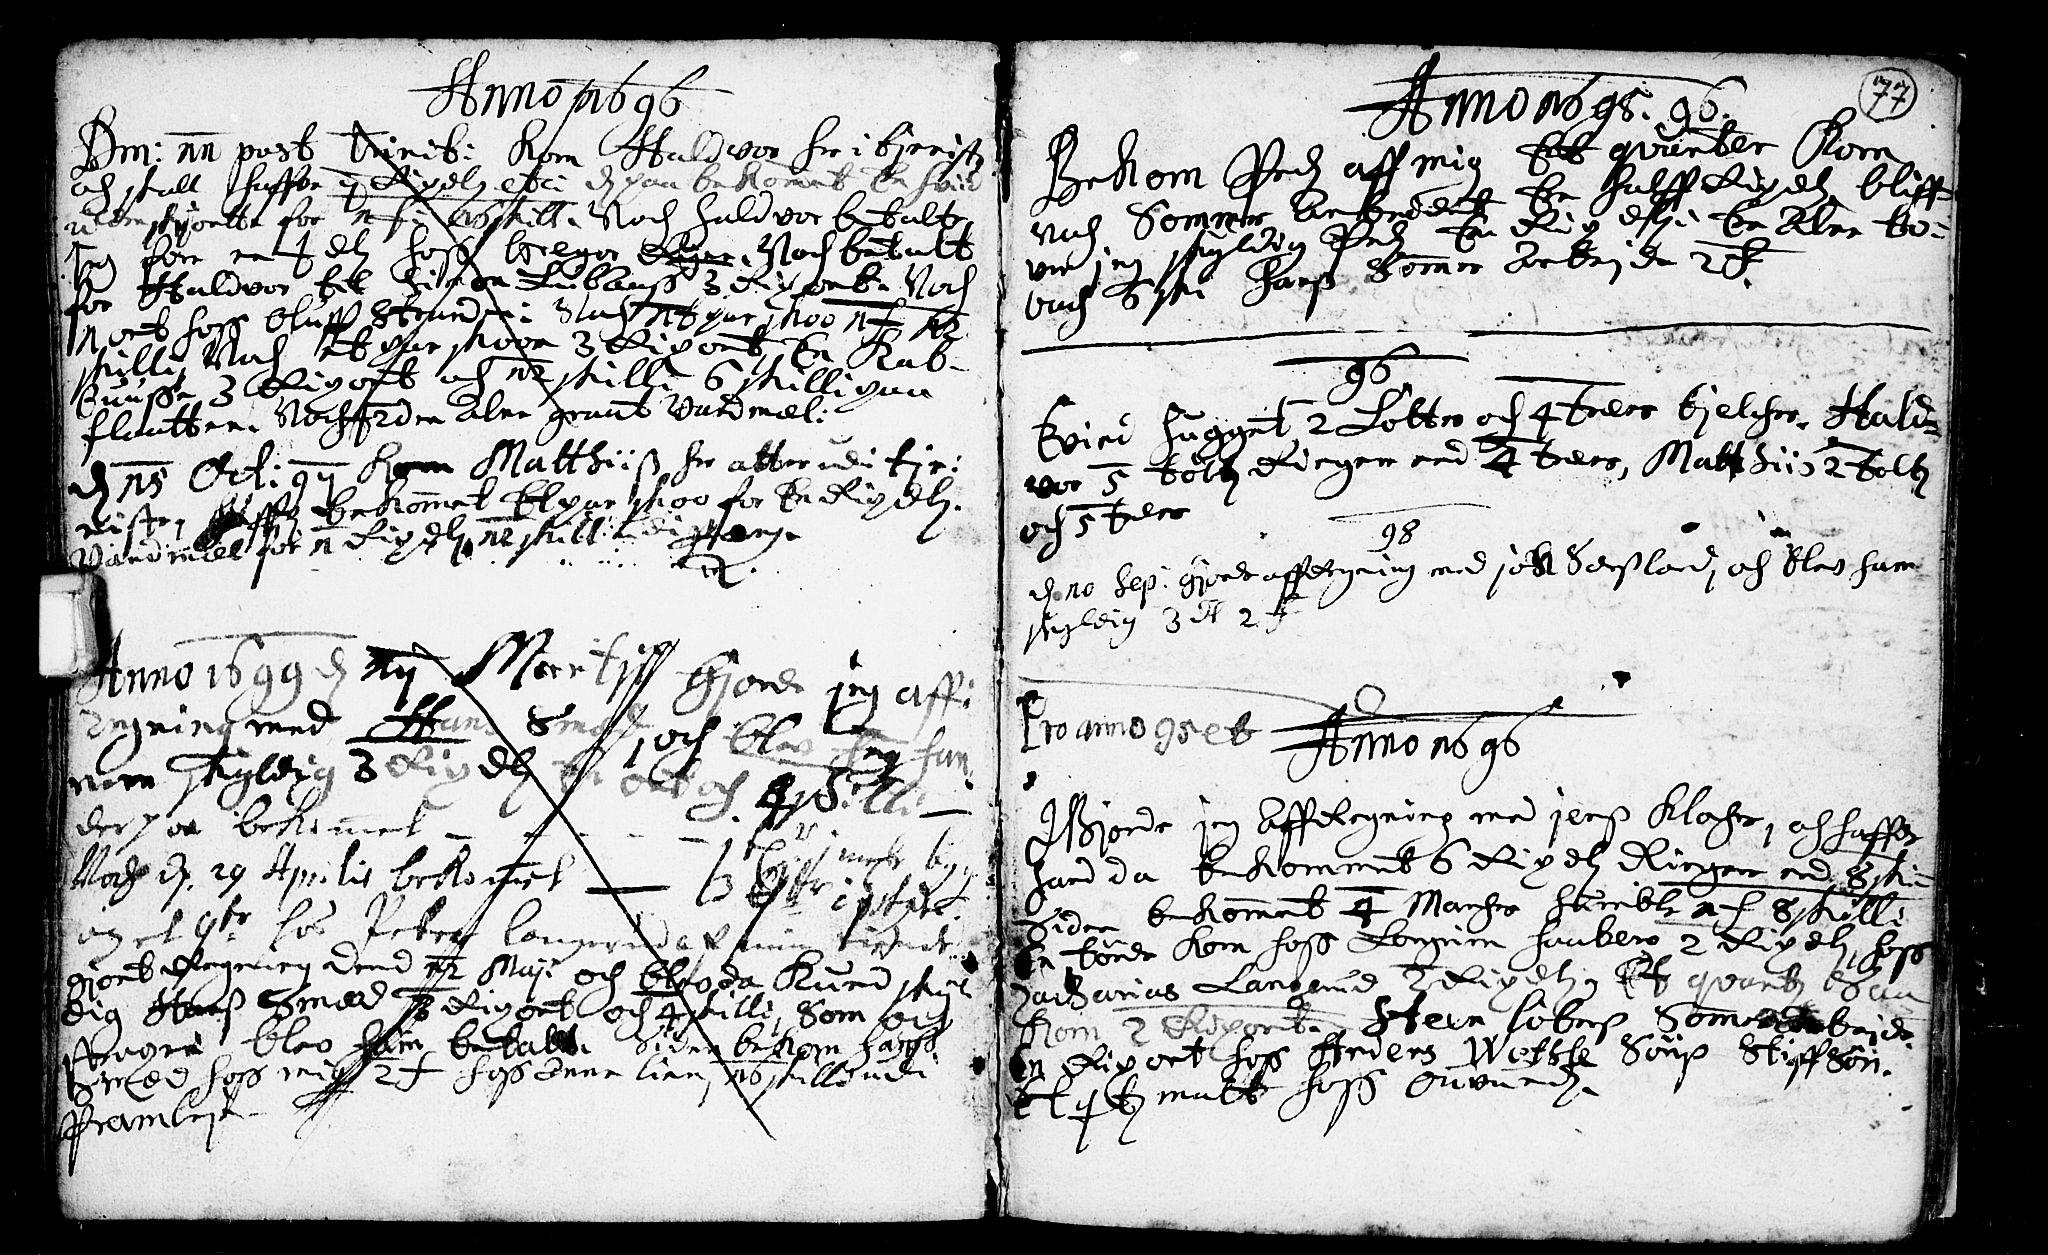 SAKO, Heddal kirkebøker, F/Fa/L0001: Ministerialbok nr. I 1, 1648-1699, s. 77